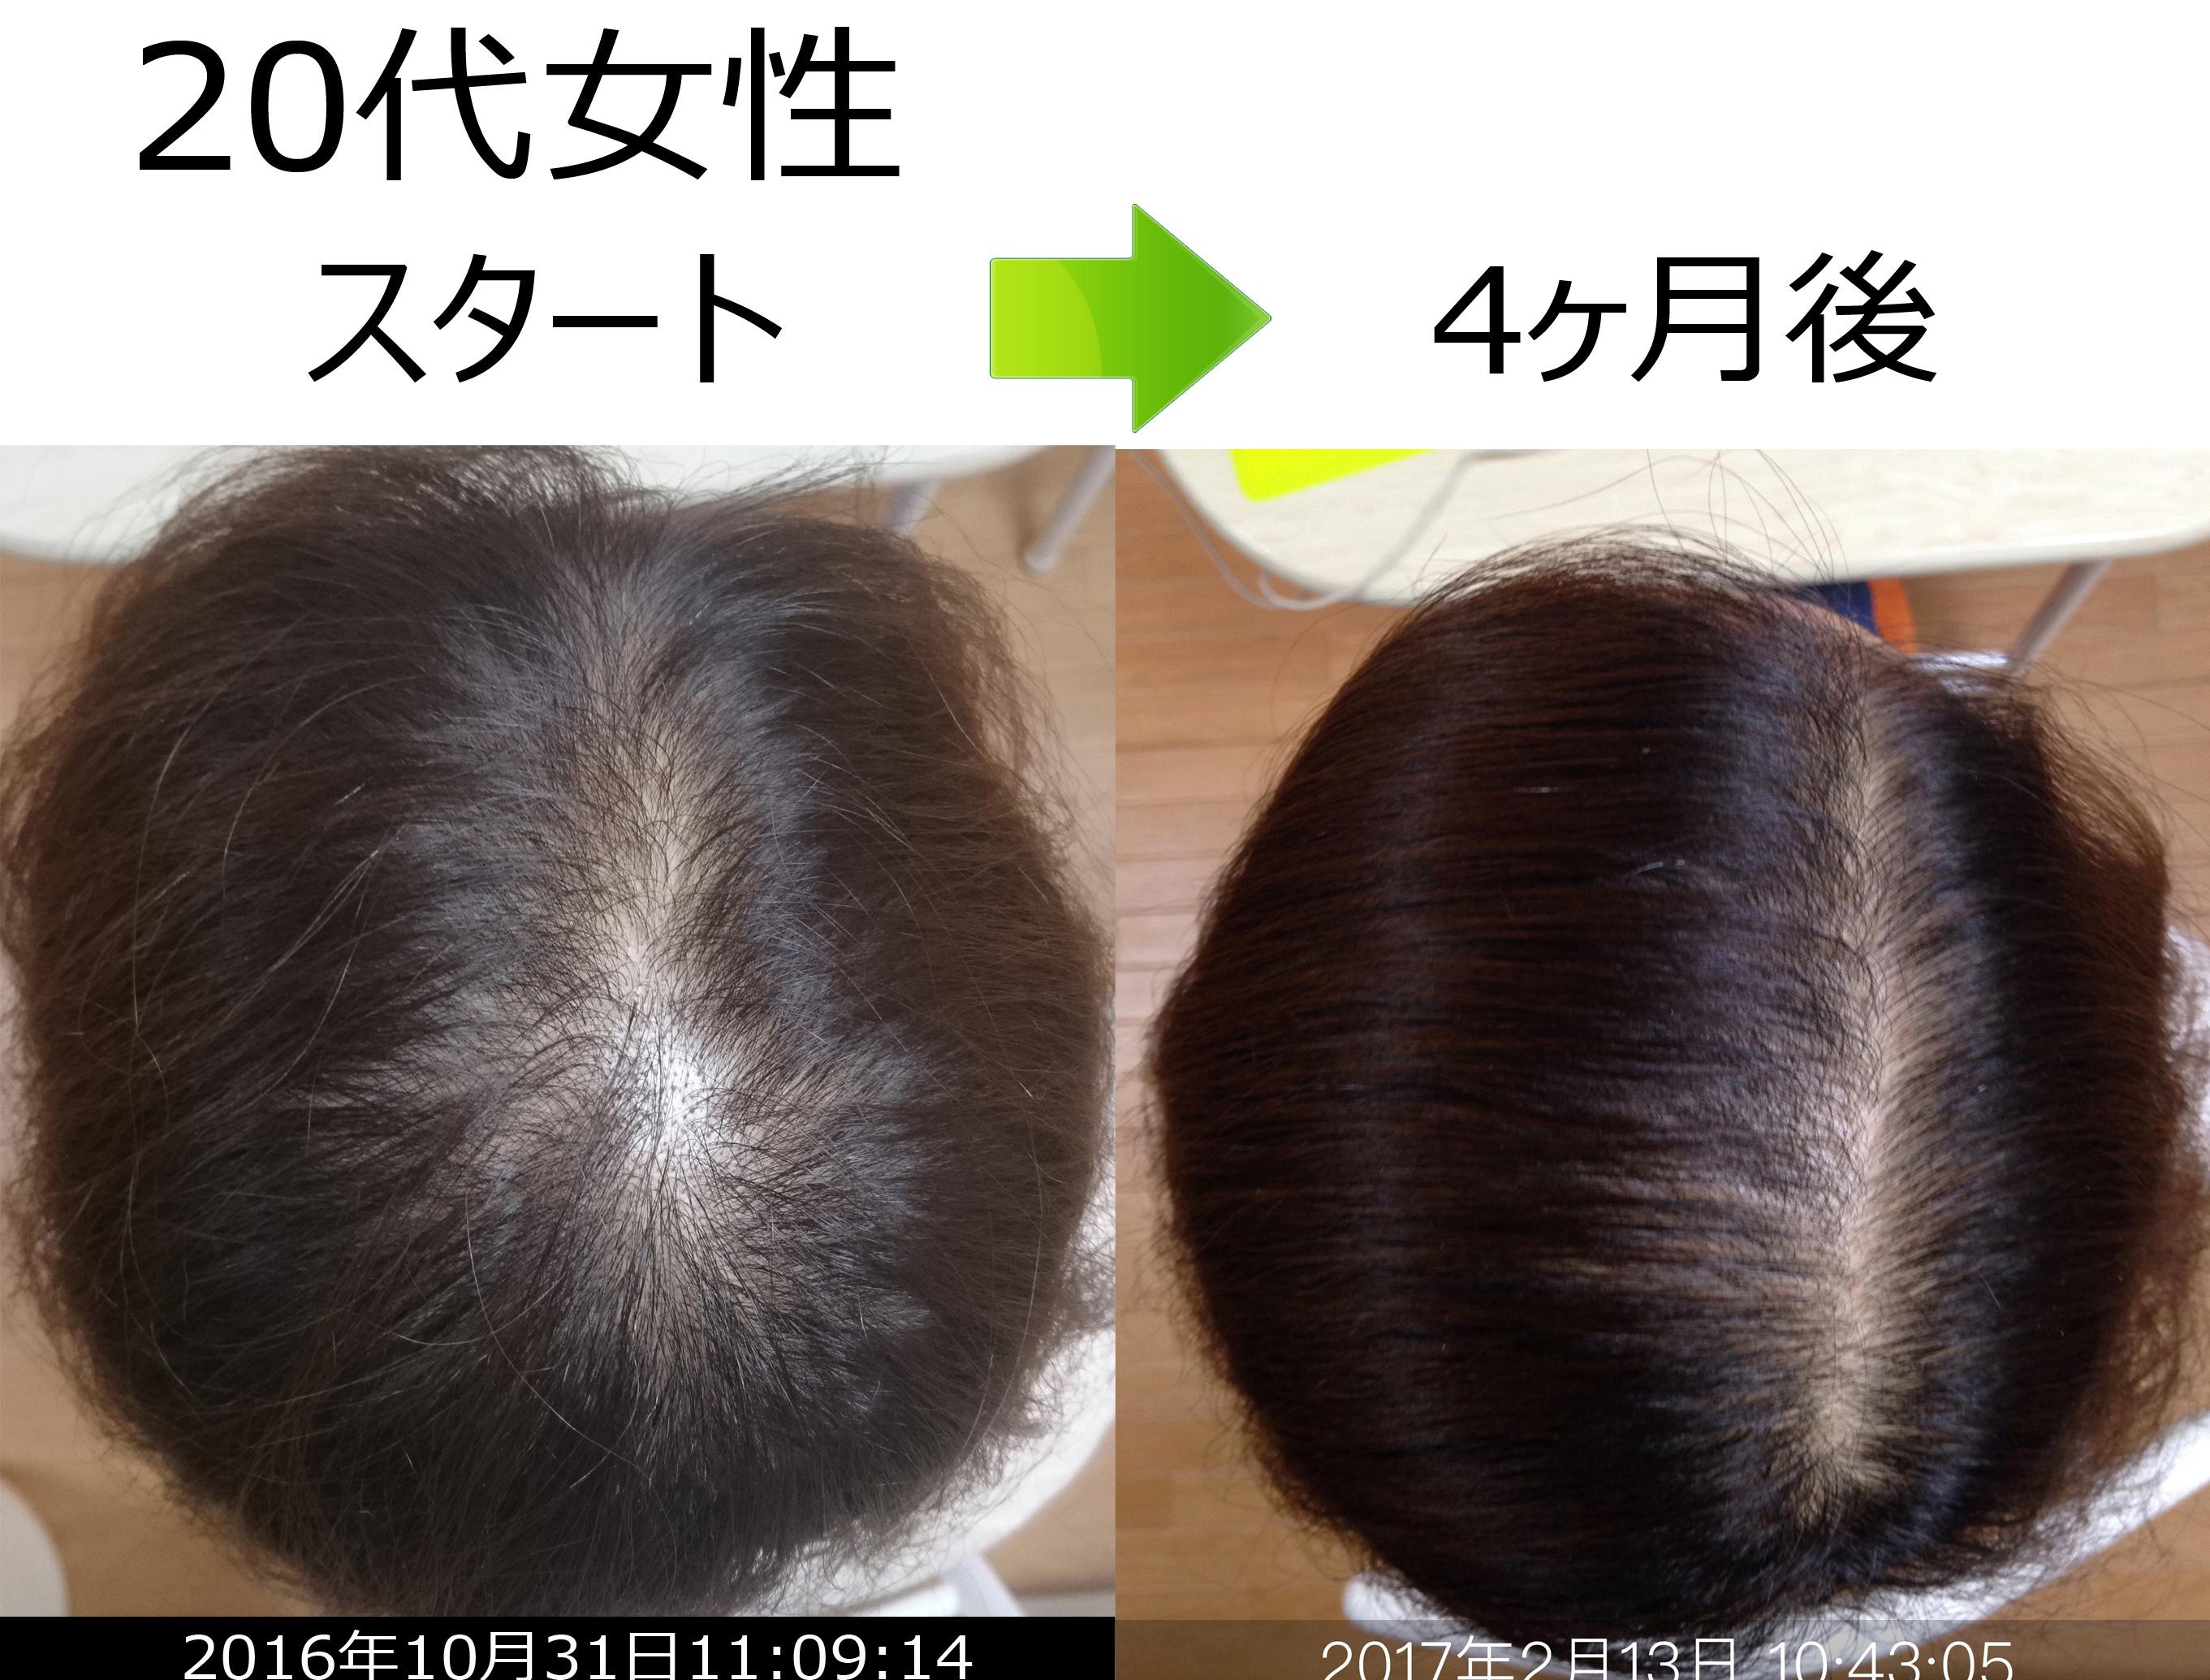 女性の薄毛治療実績